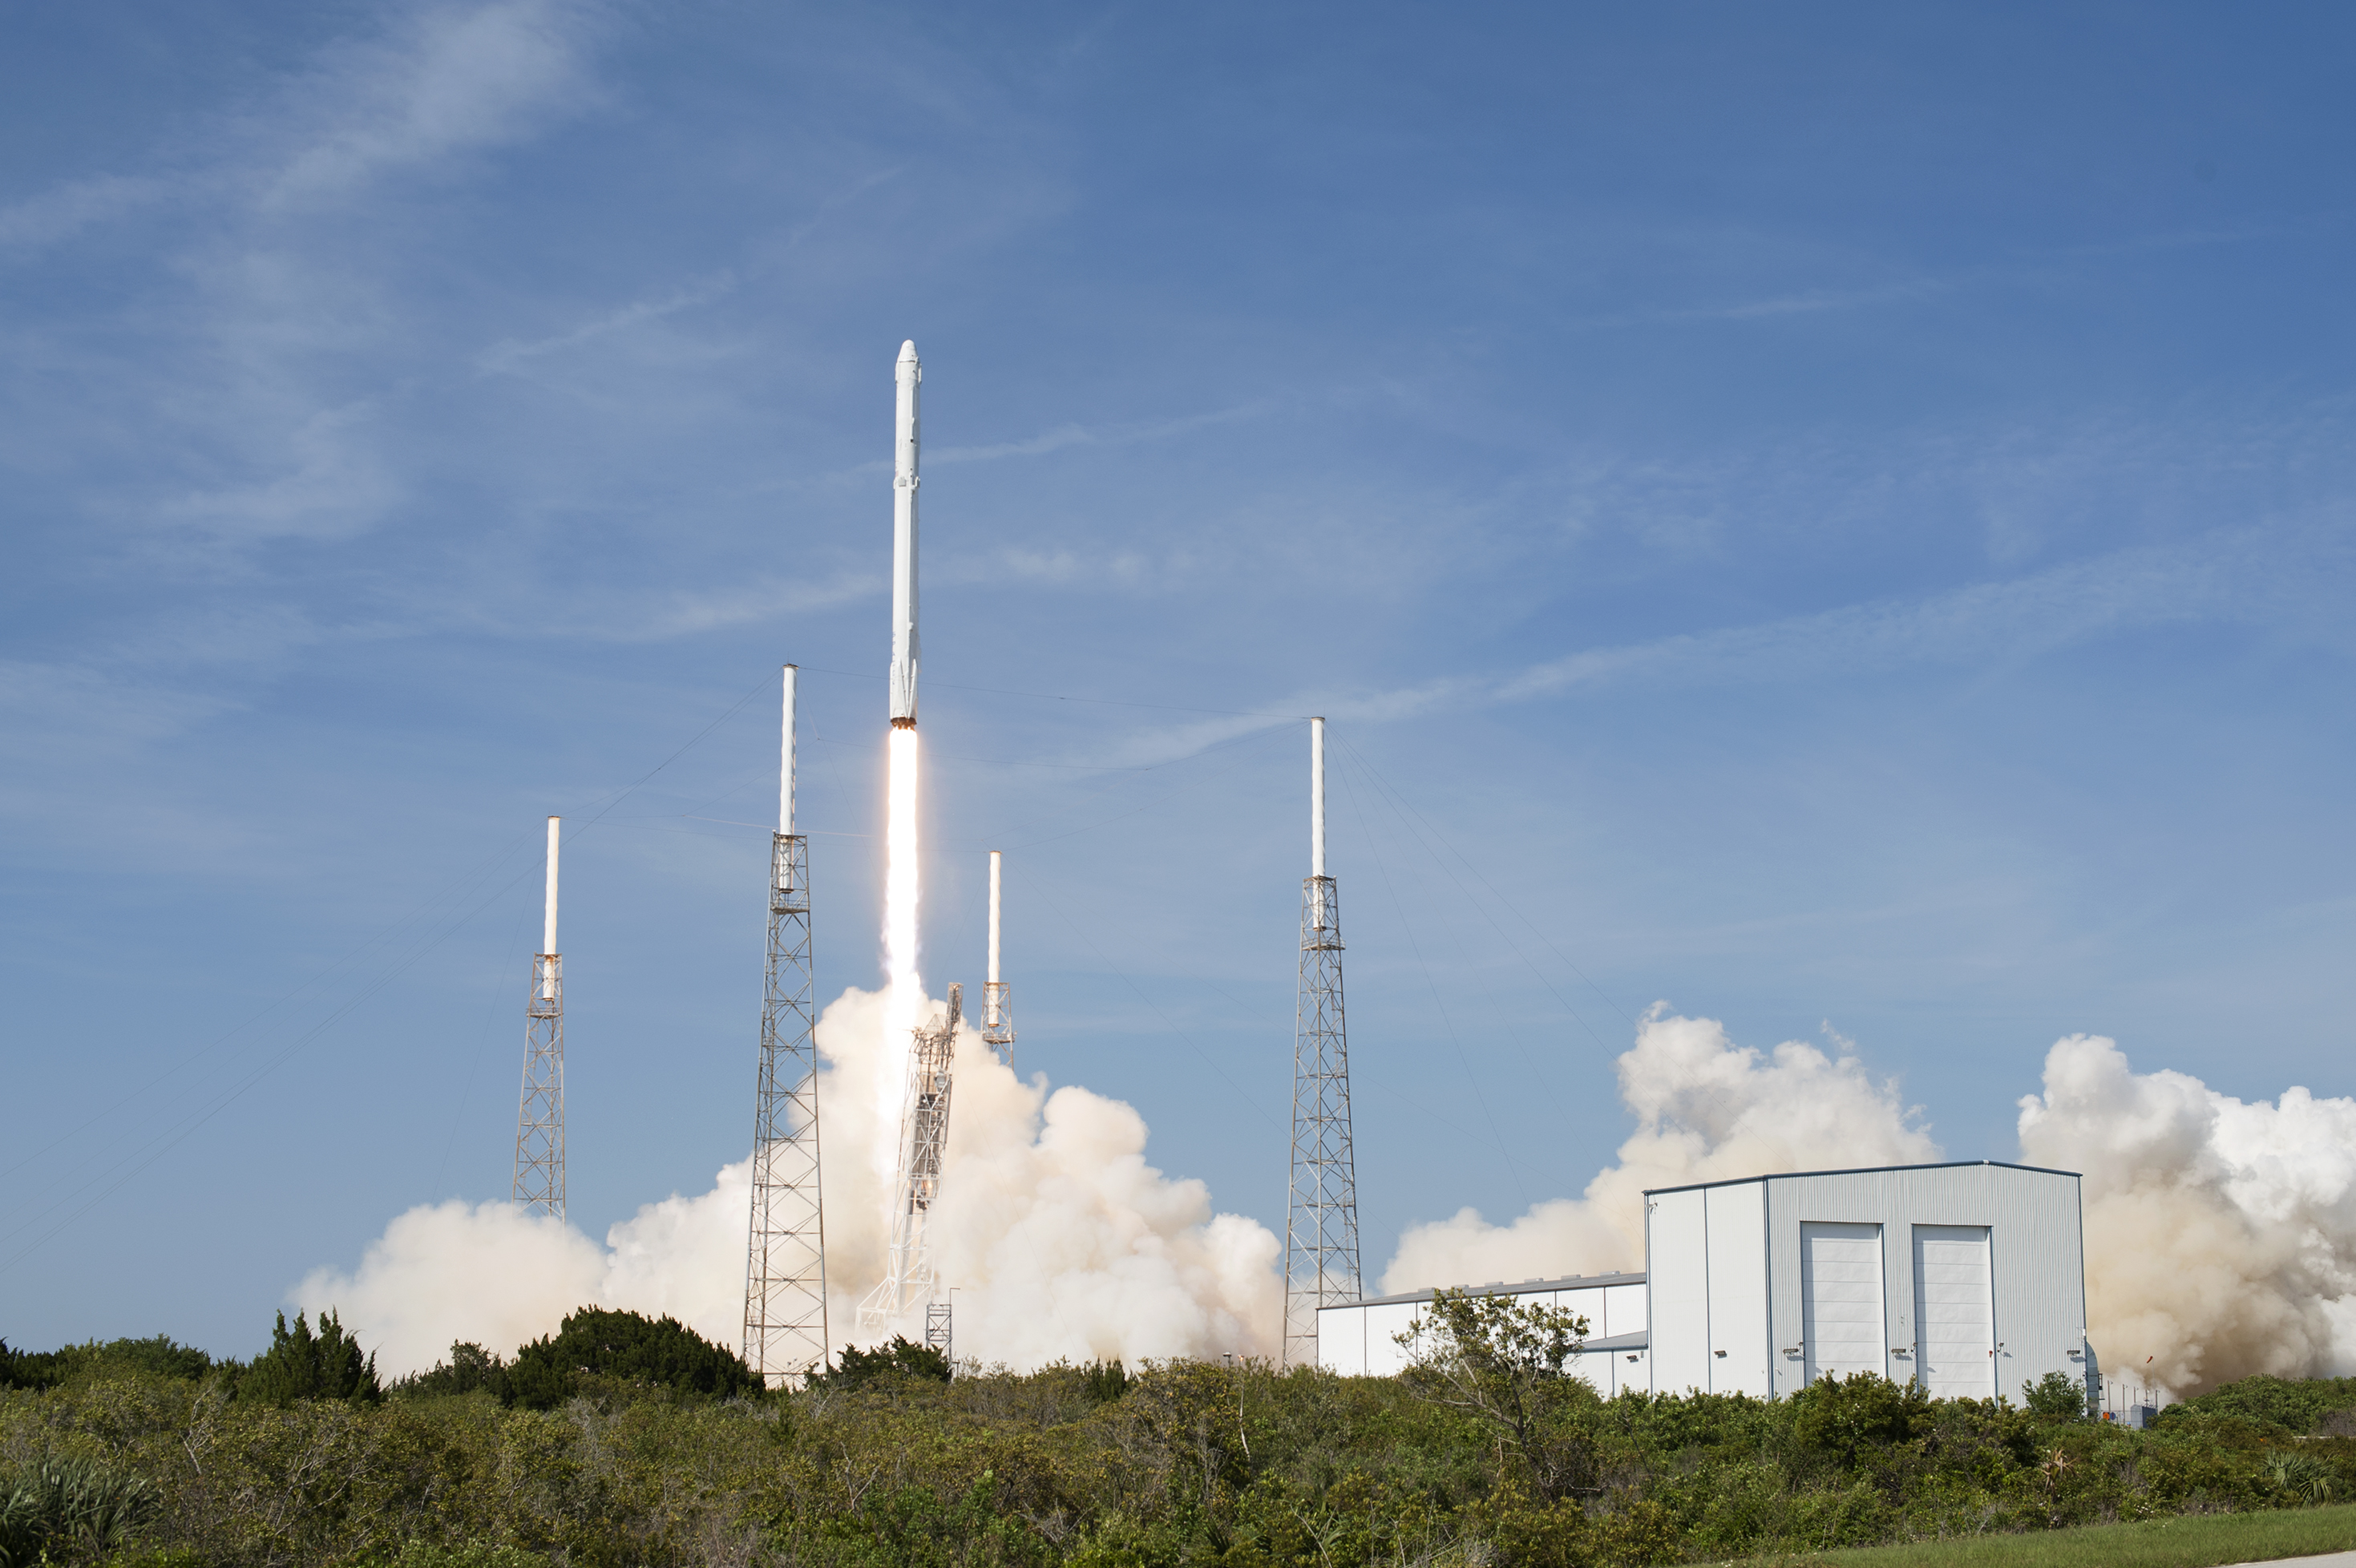 nasa rocket station - photo #10